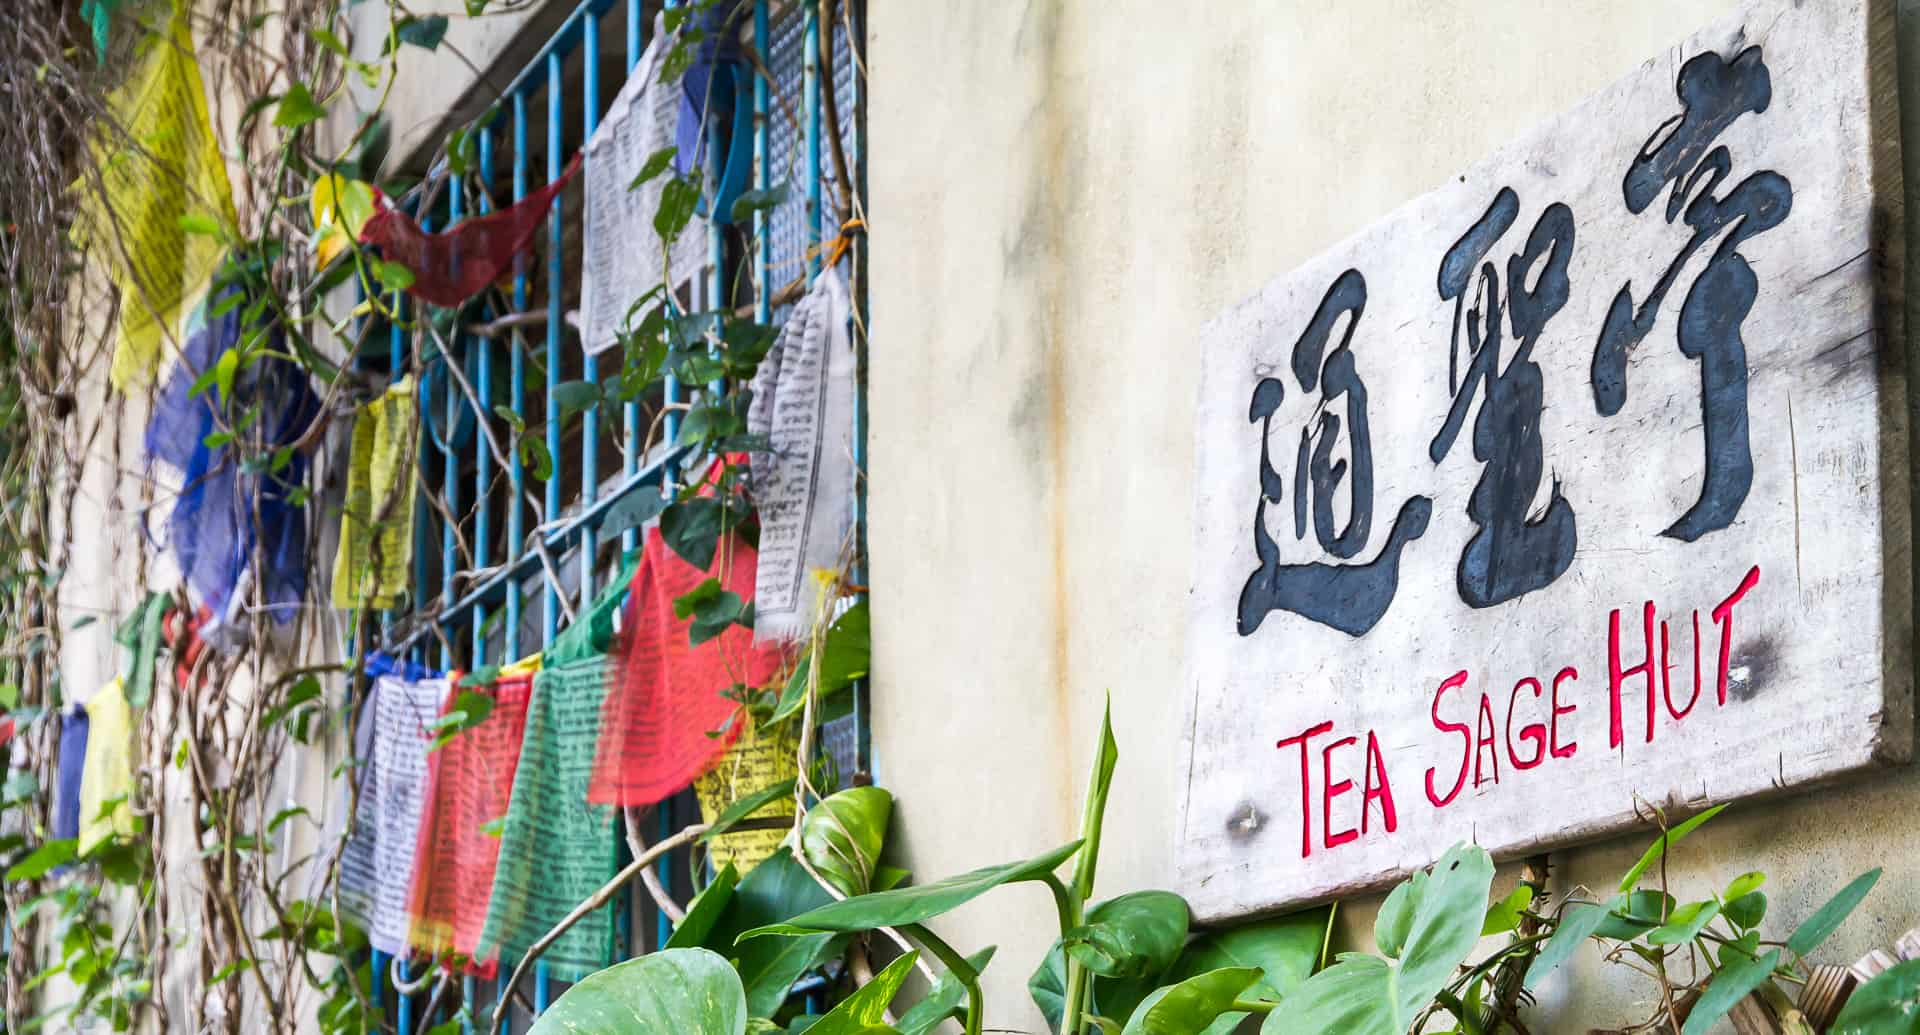 Global Tea Hut Taiwan